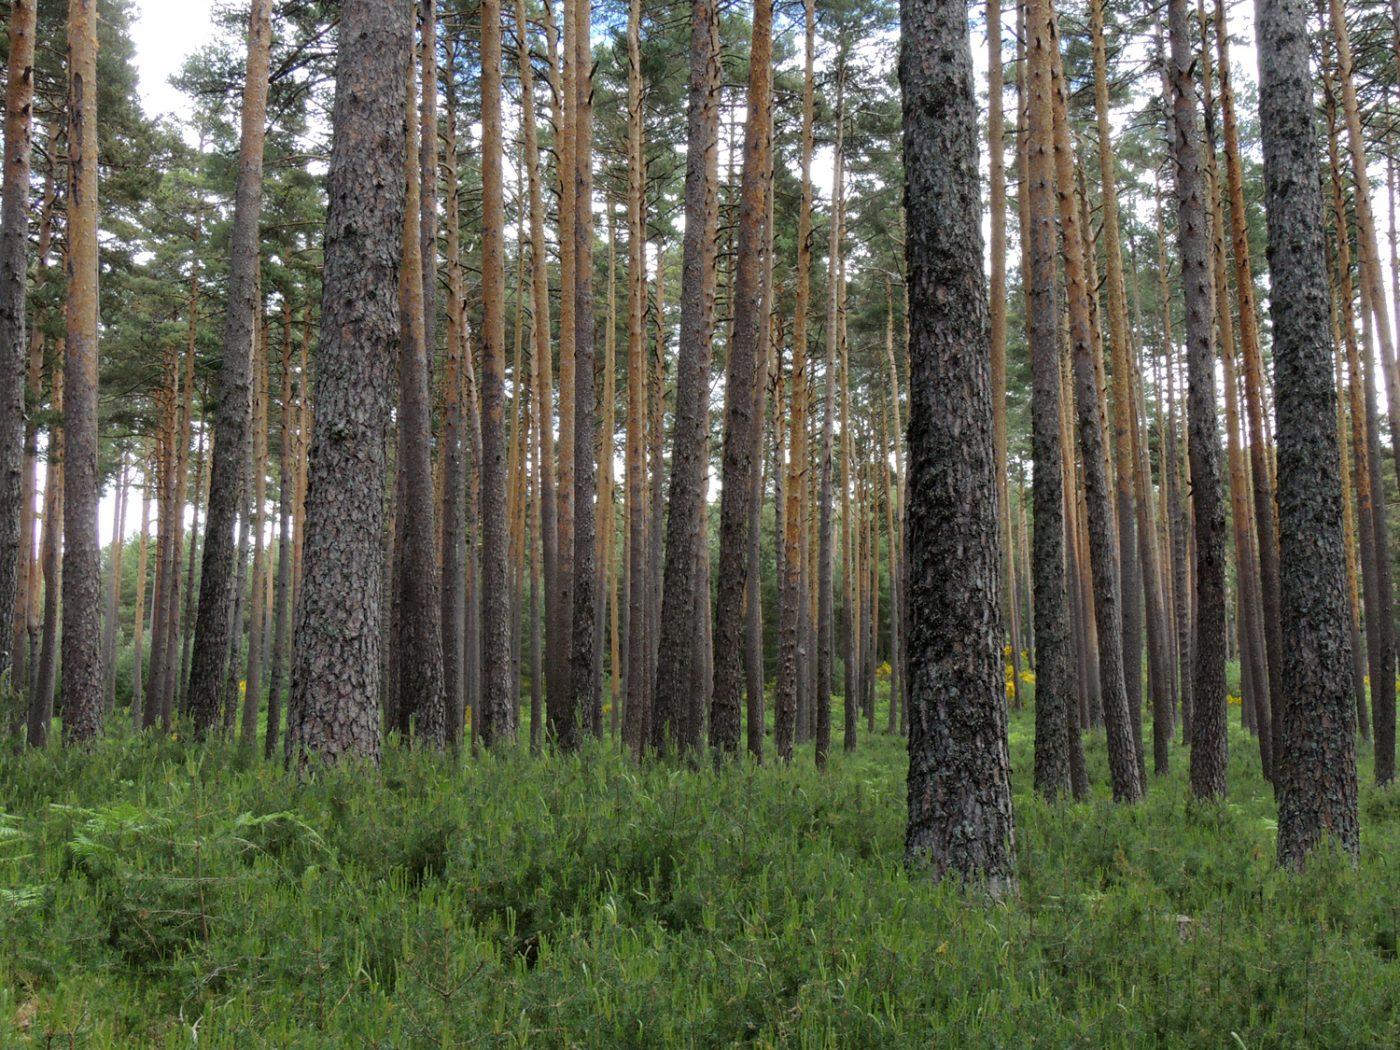 Los bosques ibéricos se están volviendo más sensibles al cambio climático